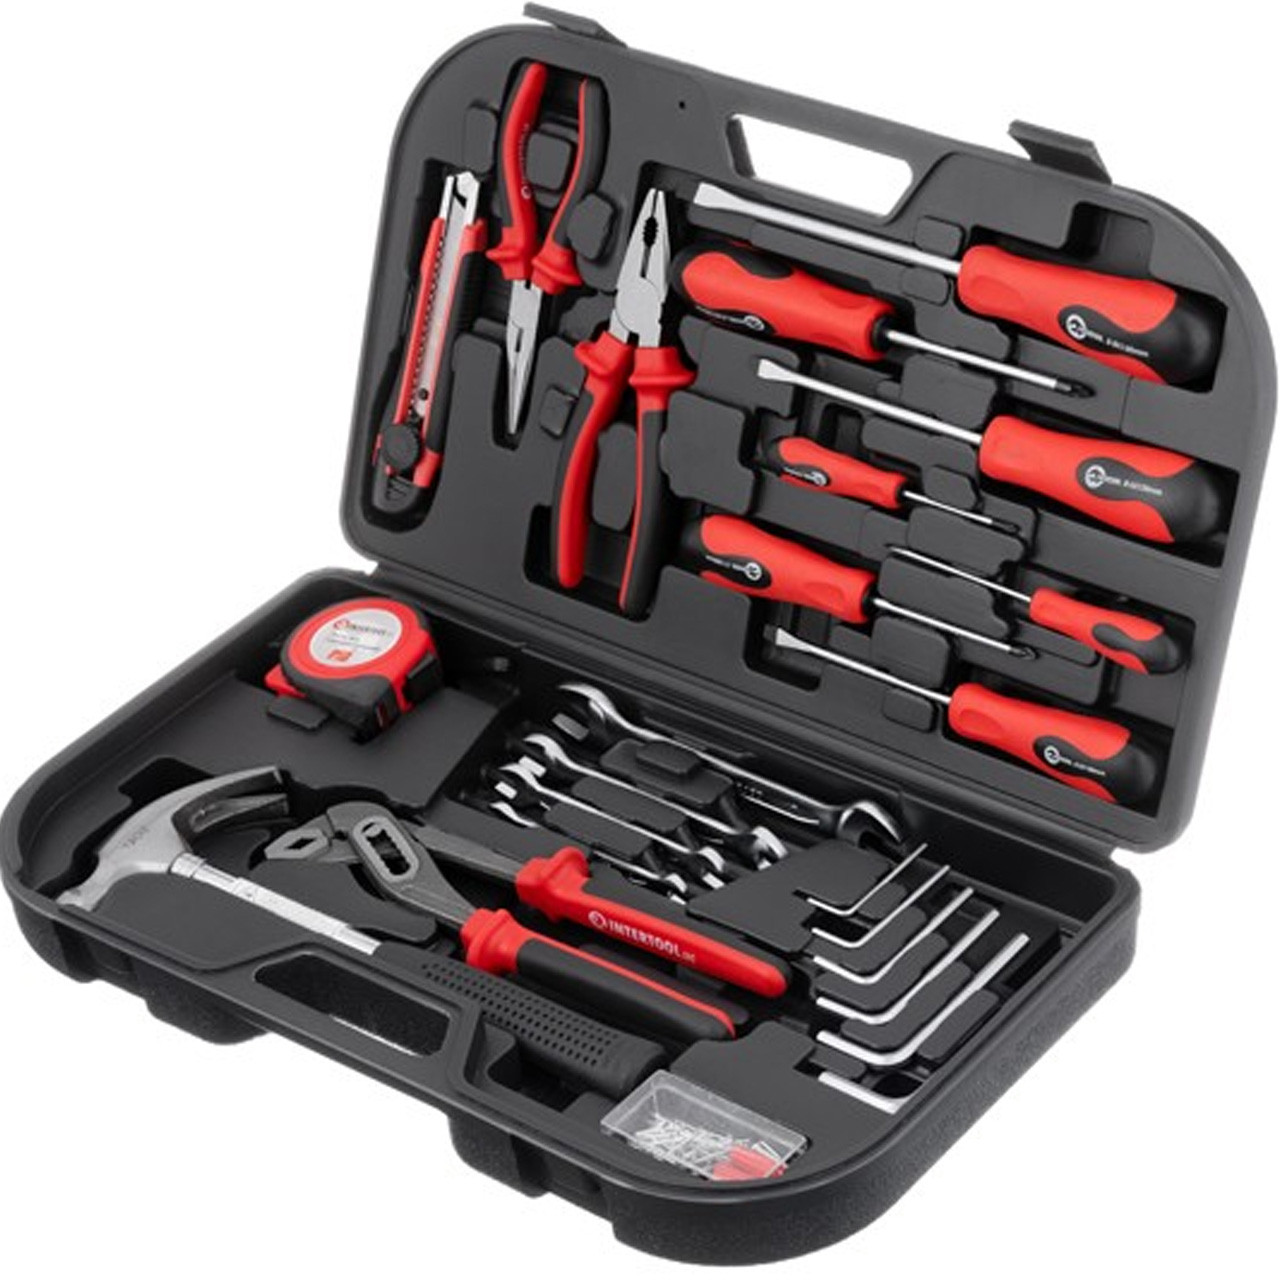 Слюсарний набір інструментів 24од Intertool ET-6001, набір інструментів для дому